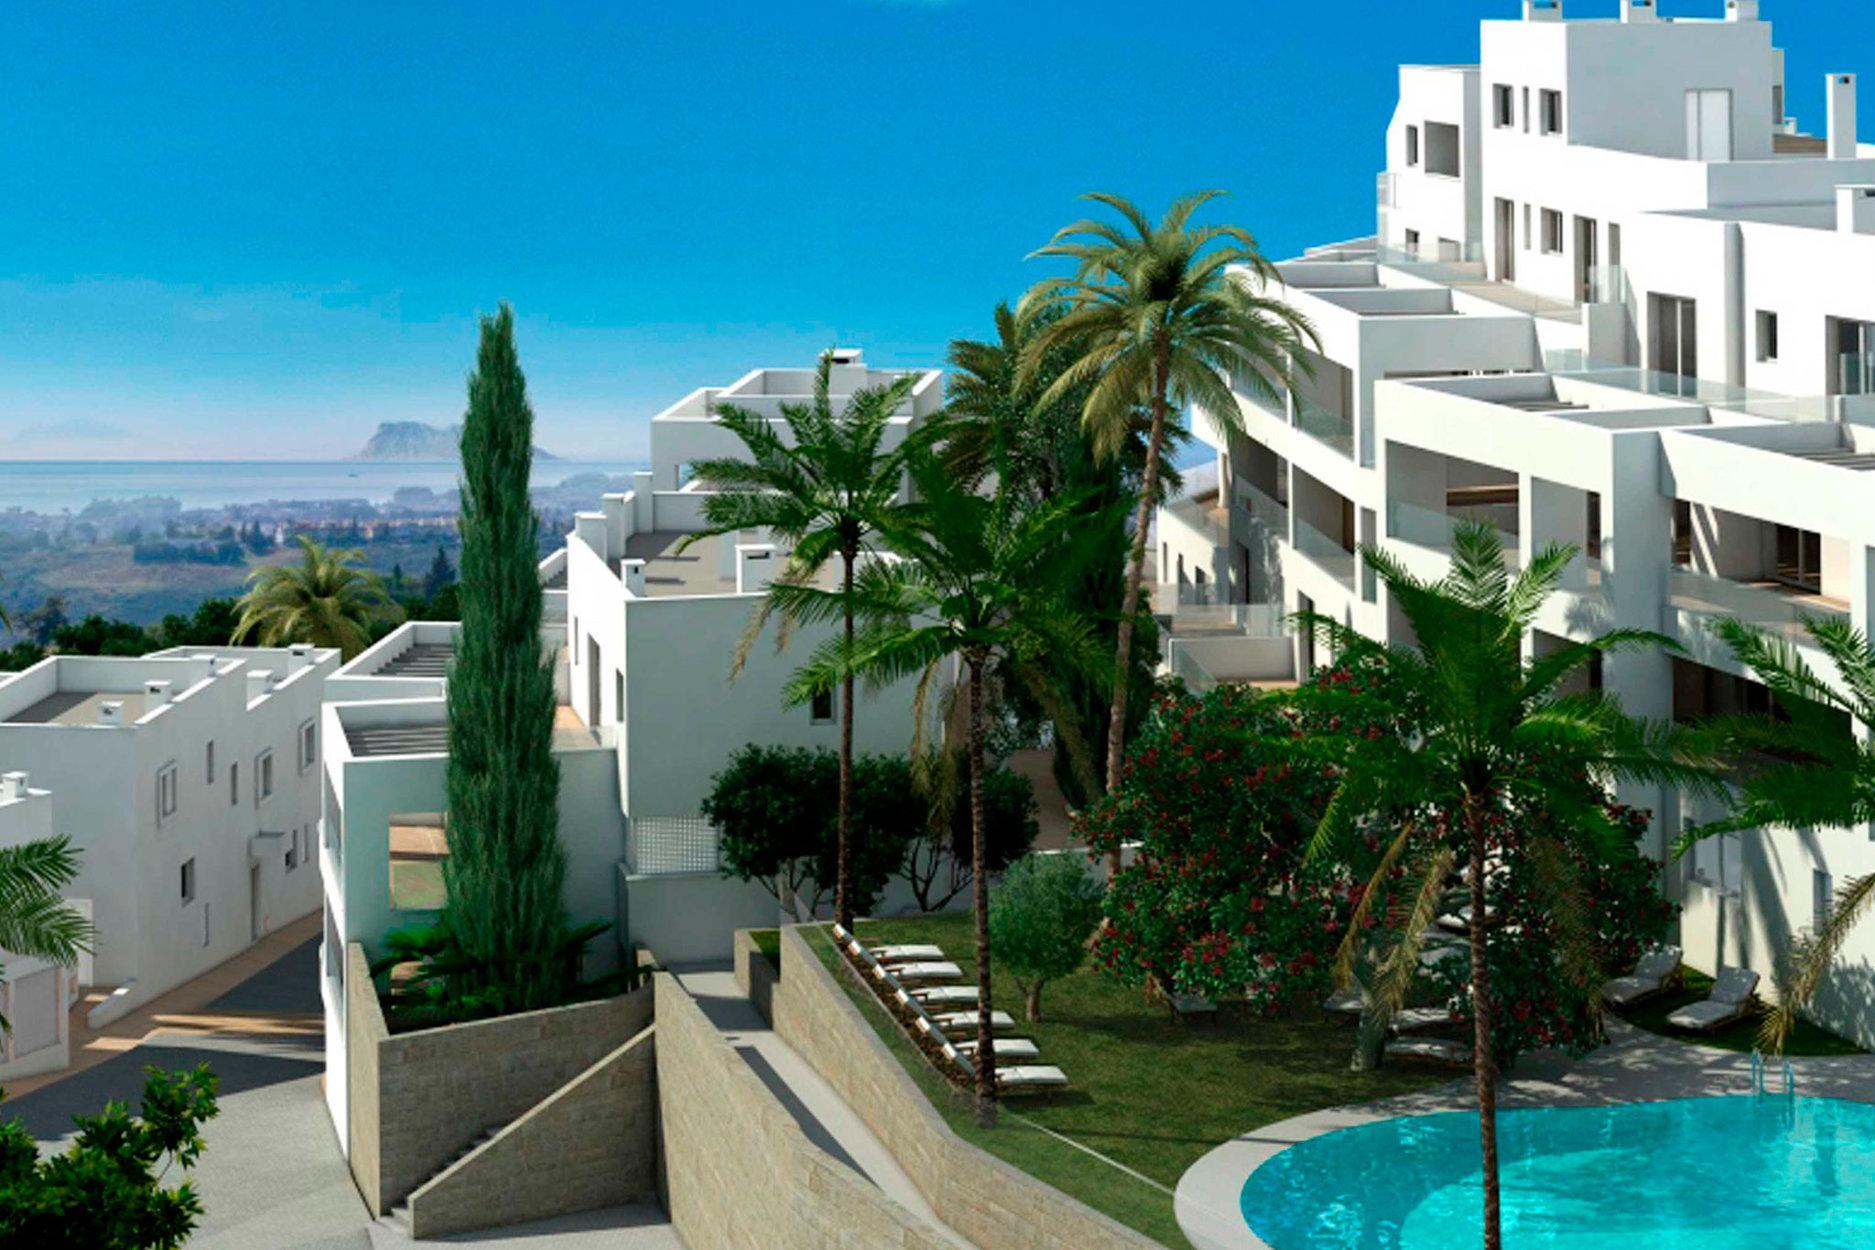 Apartment for sale in Marbella, Los Altos de los Monteros